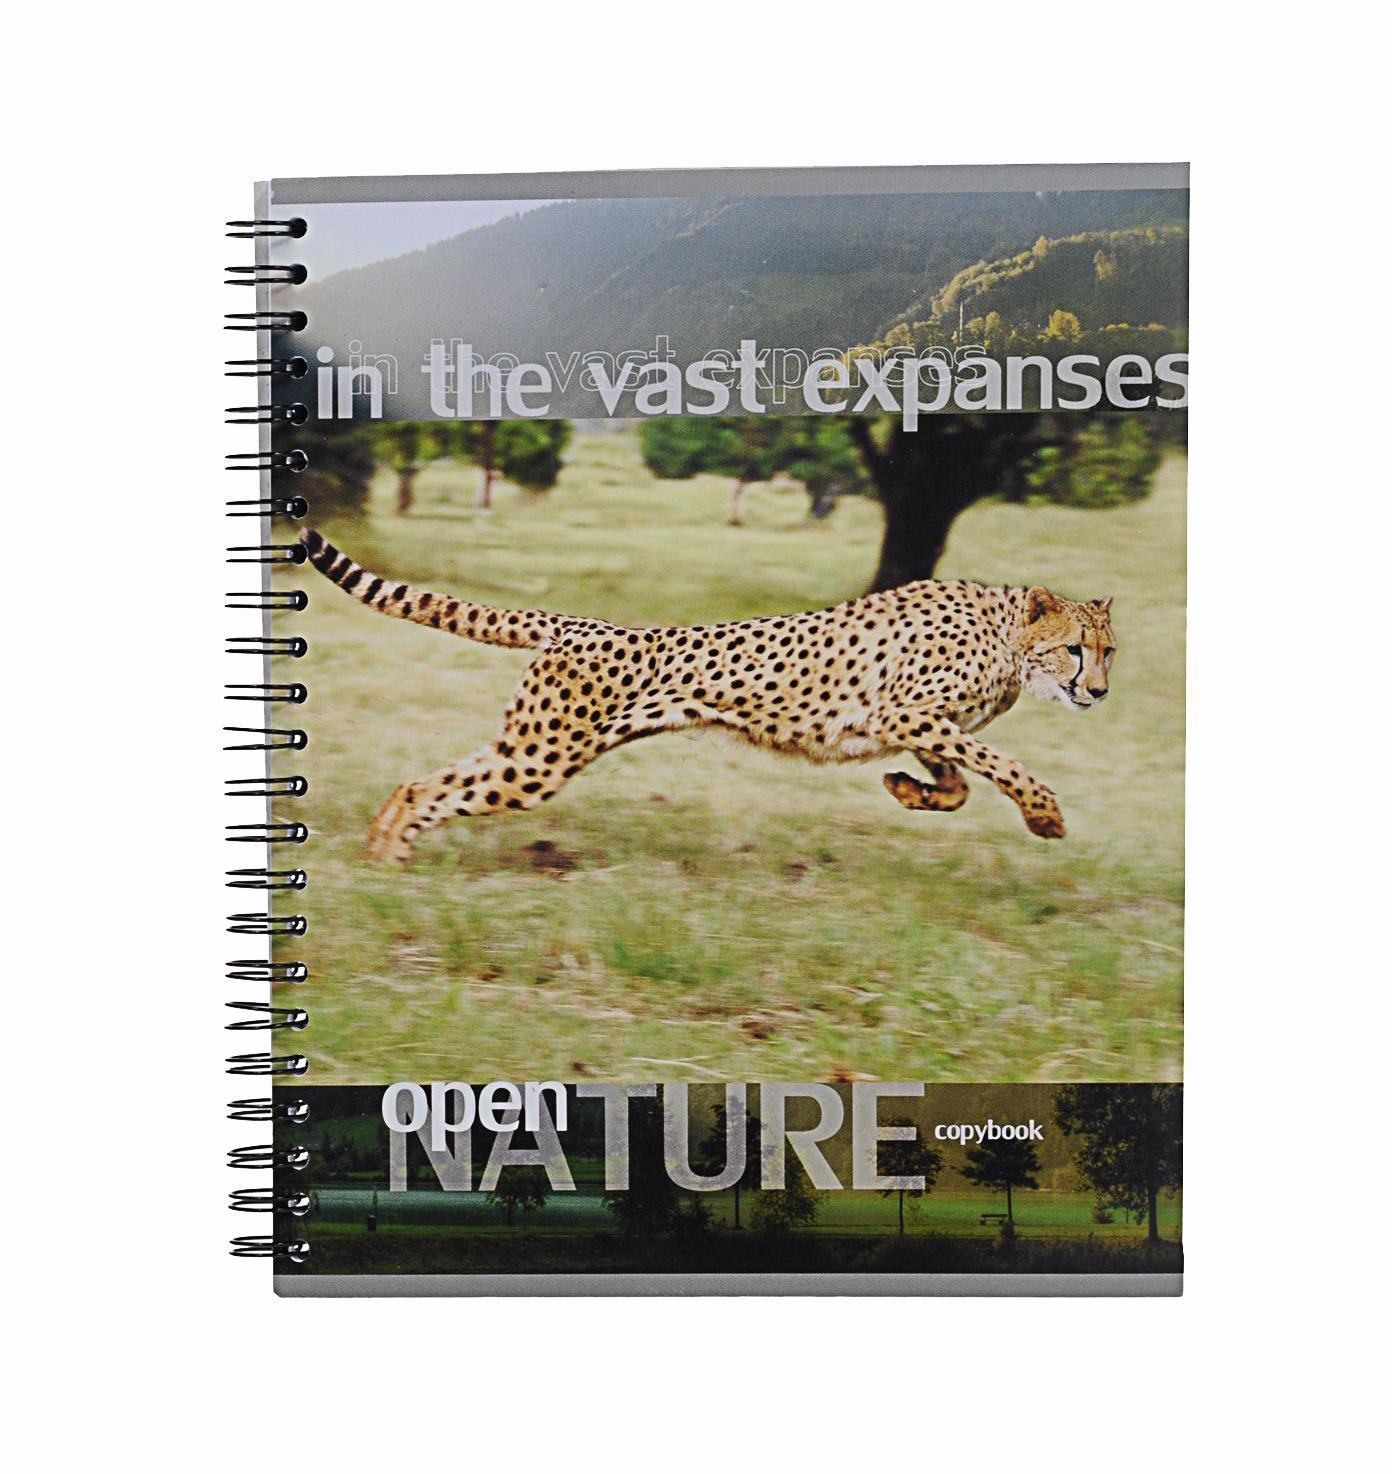 Тетрадь на спирали, 96л Open nature,леопард38010леопардтетрадь на спирали,96л Open nature, леопард